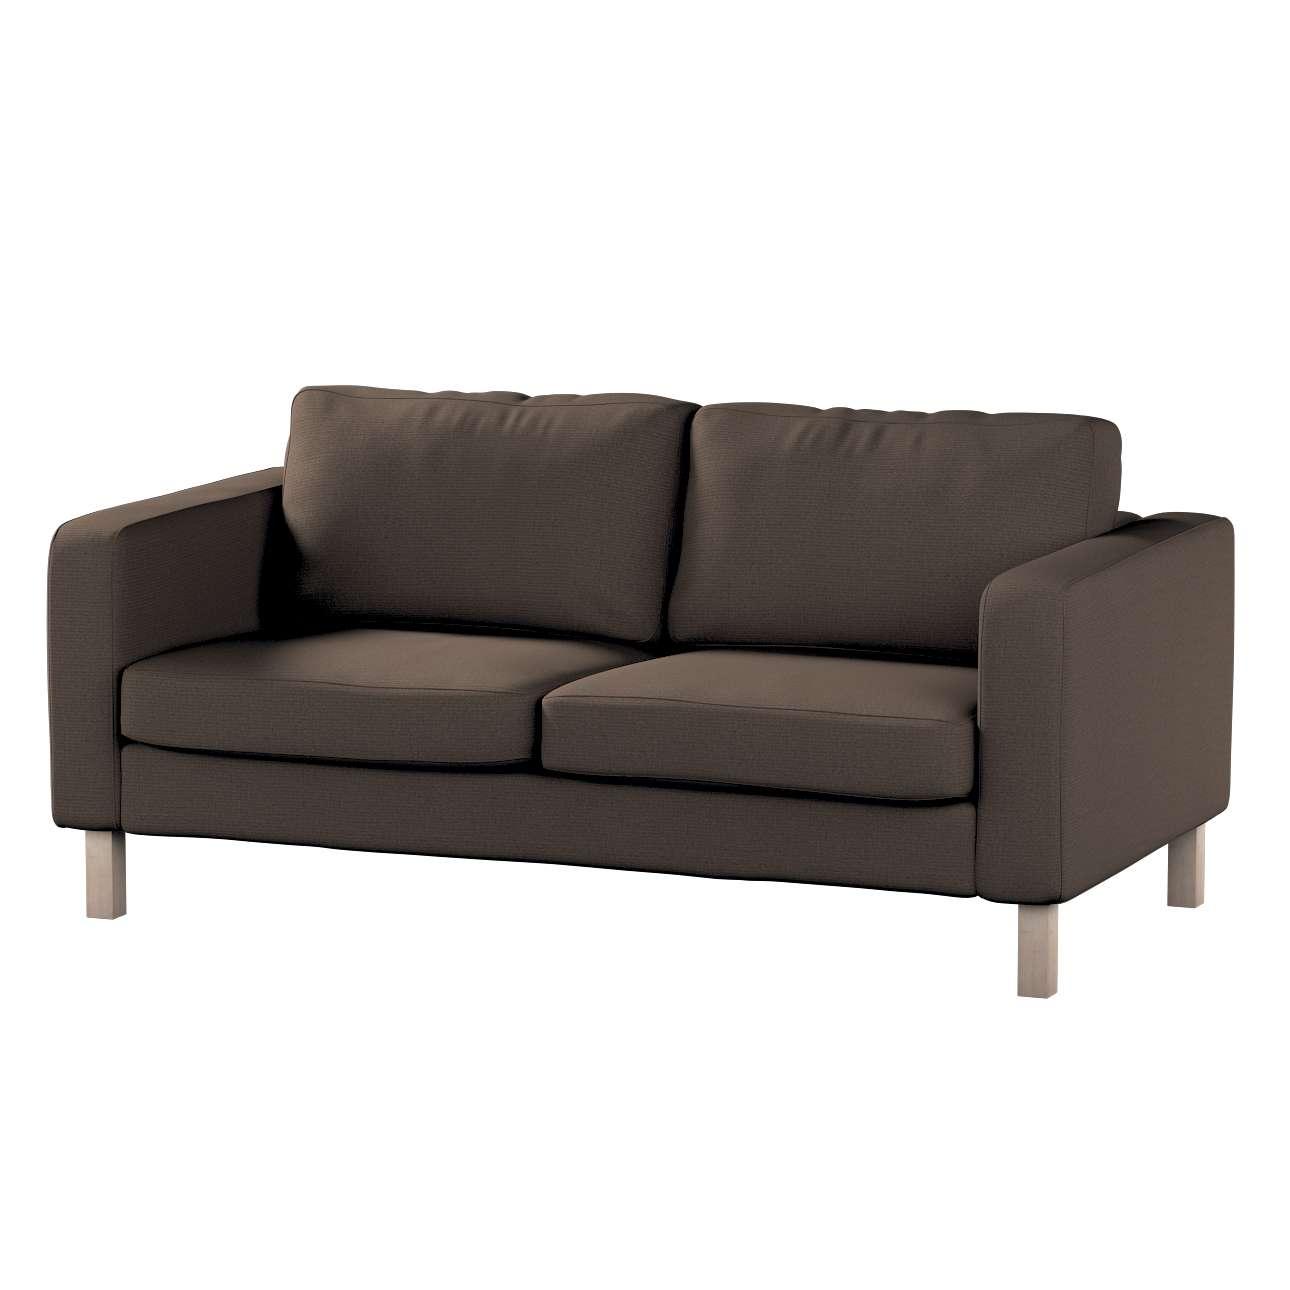 Karlstad 2-Sitzer Sofabezug nicht ausklappbar Sofahusse, Karlstad 2-Sitzer von der Kollektion Etna, Stoff: 705-08